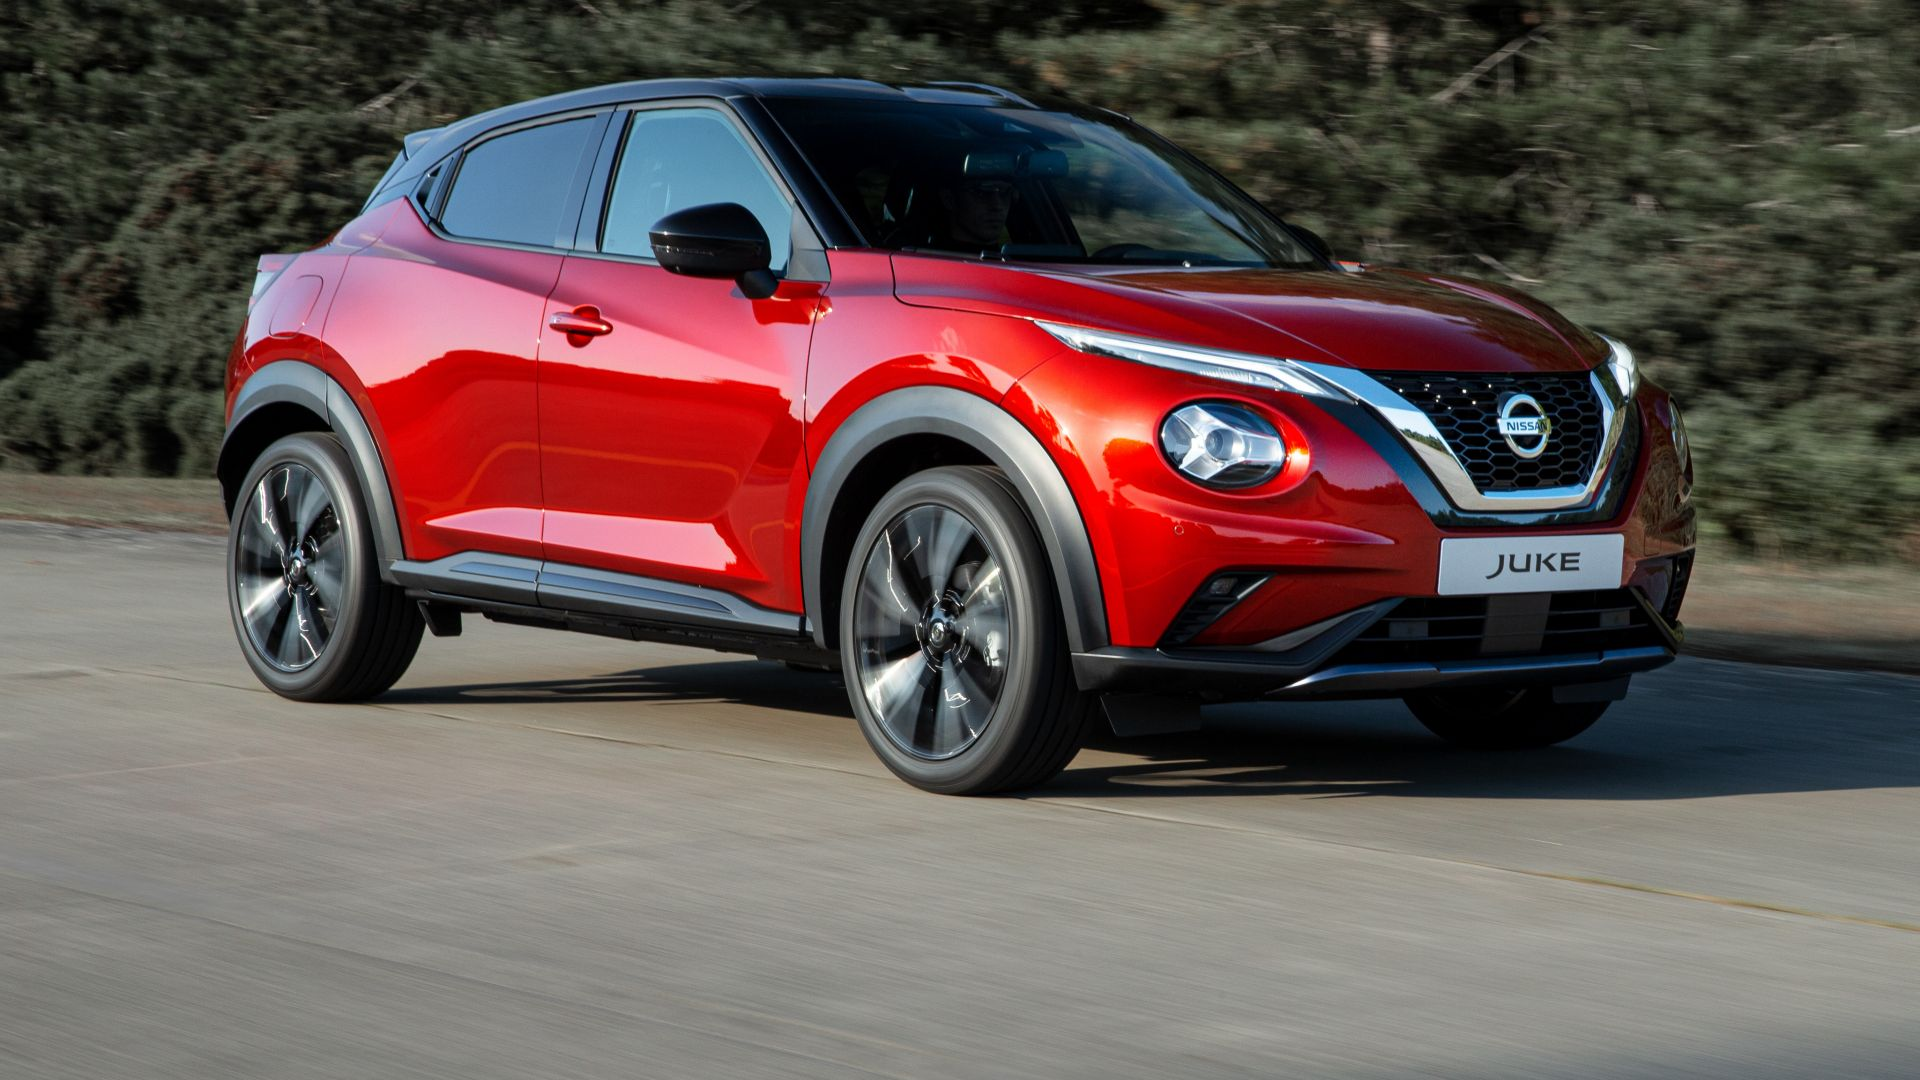 Nuova Nissan Juke 2020 Motore Interni Pregi Difetti Motorbox